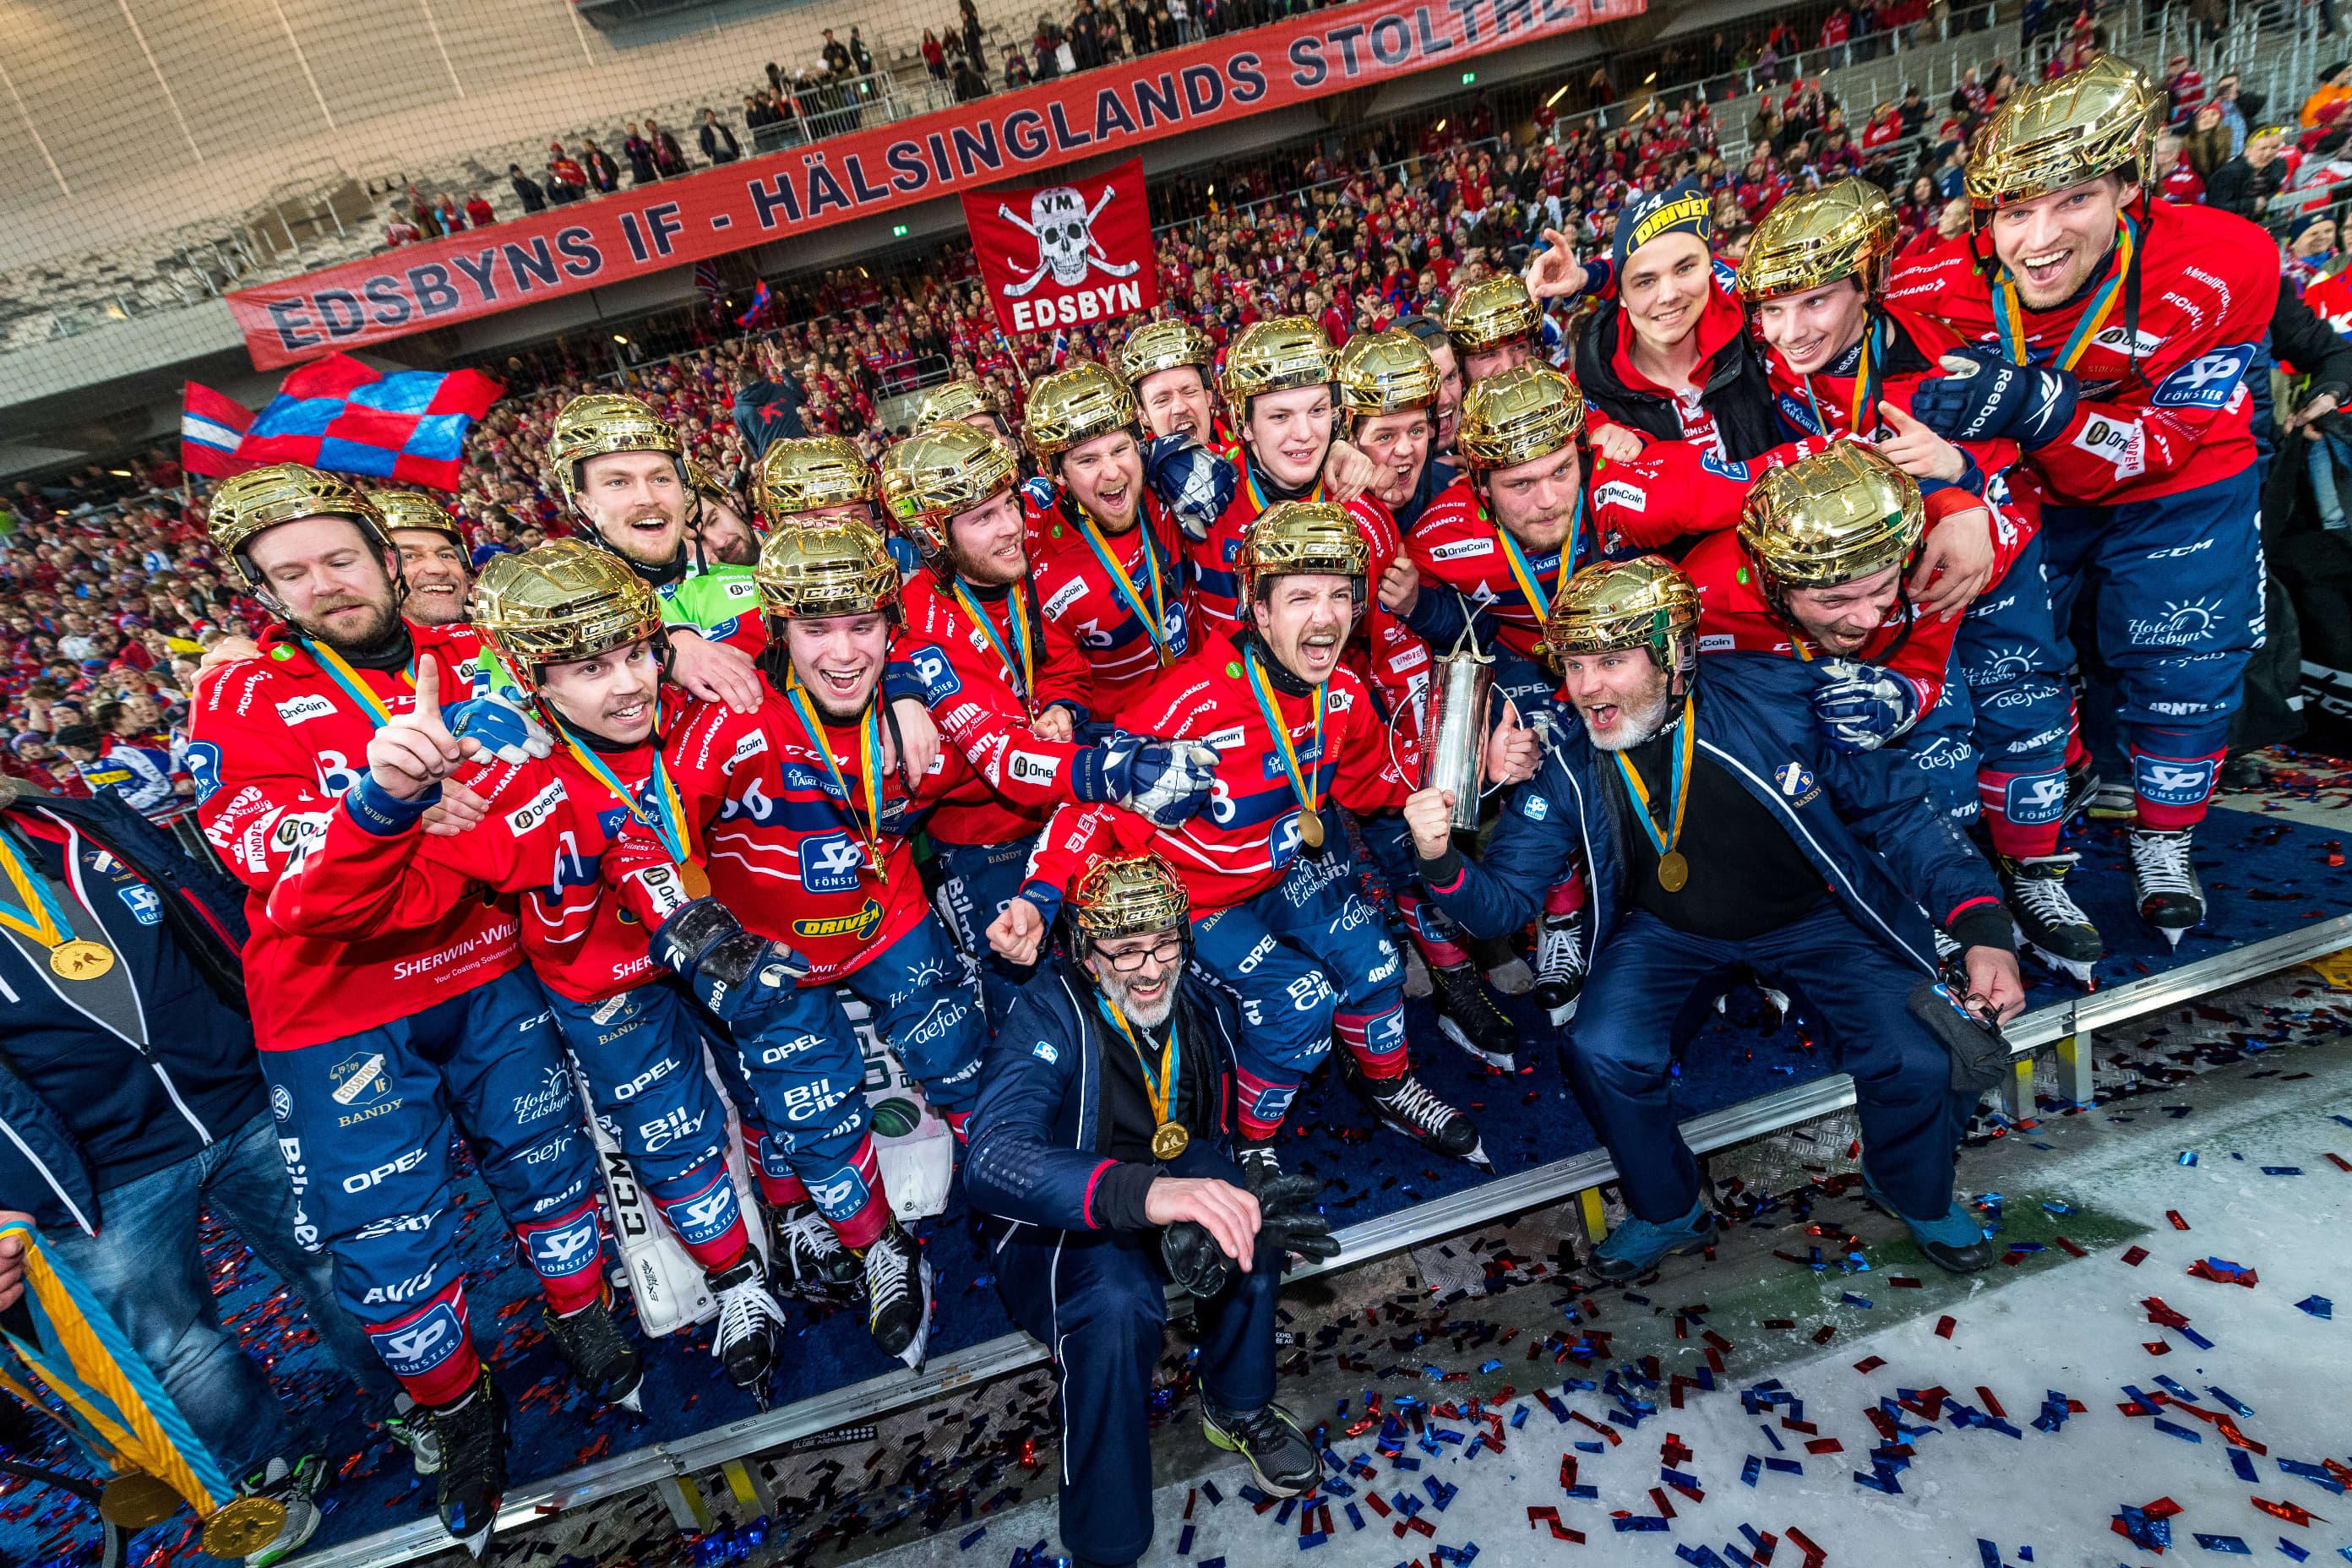 Edsbyns IF voitti Ruotsin jääpallomestaruuden.